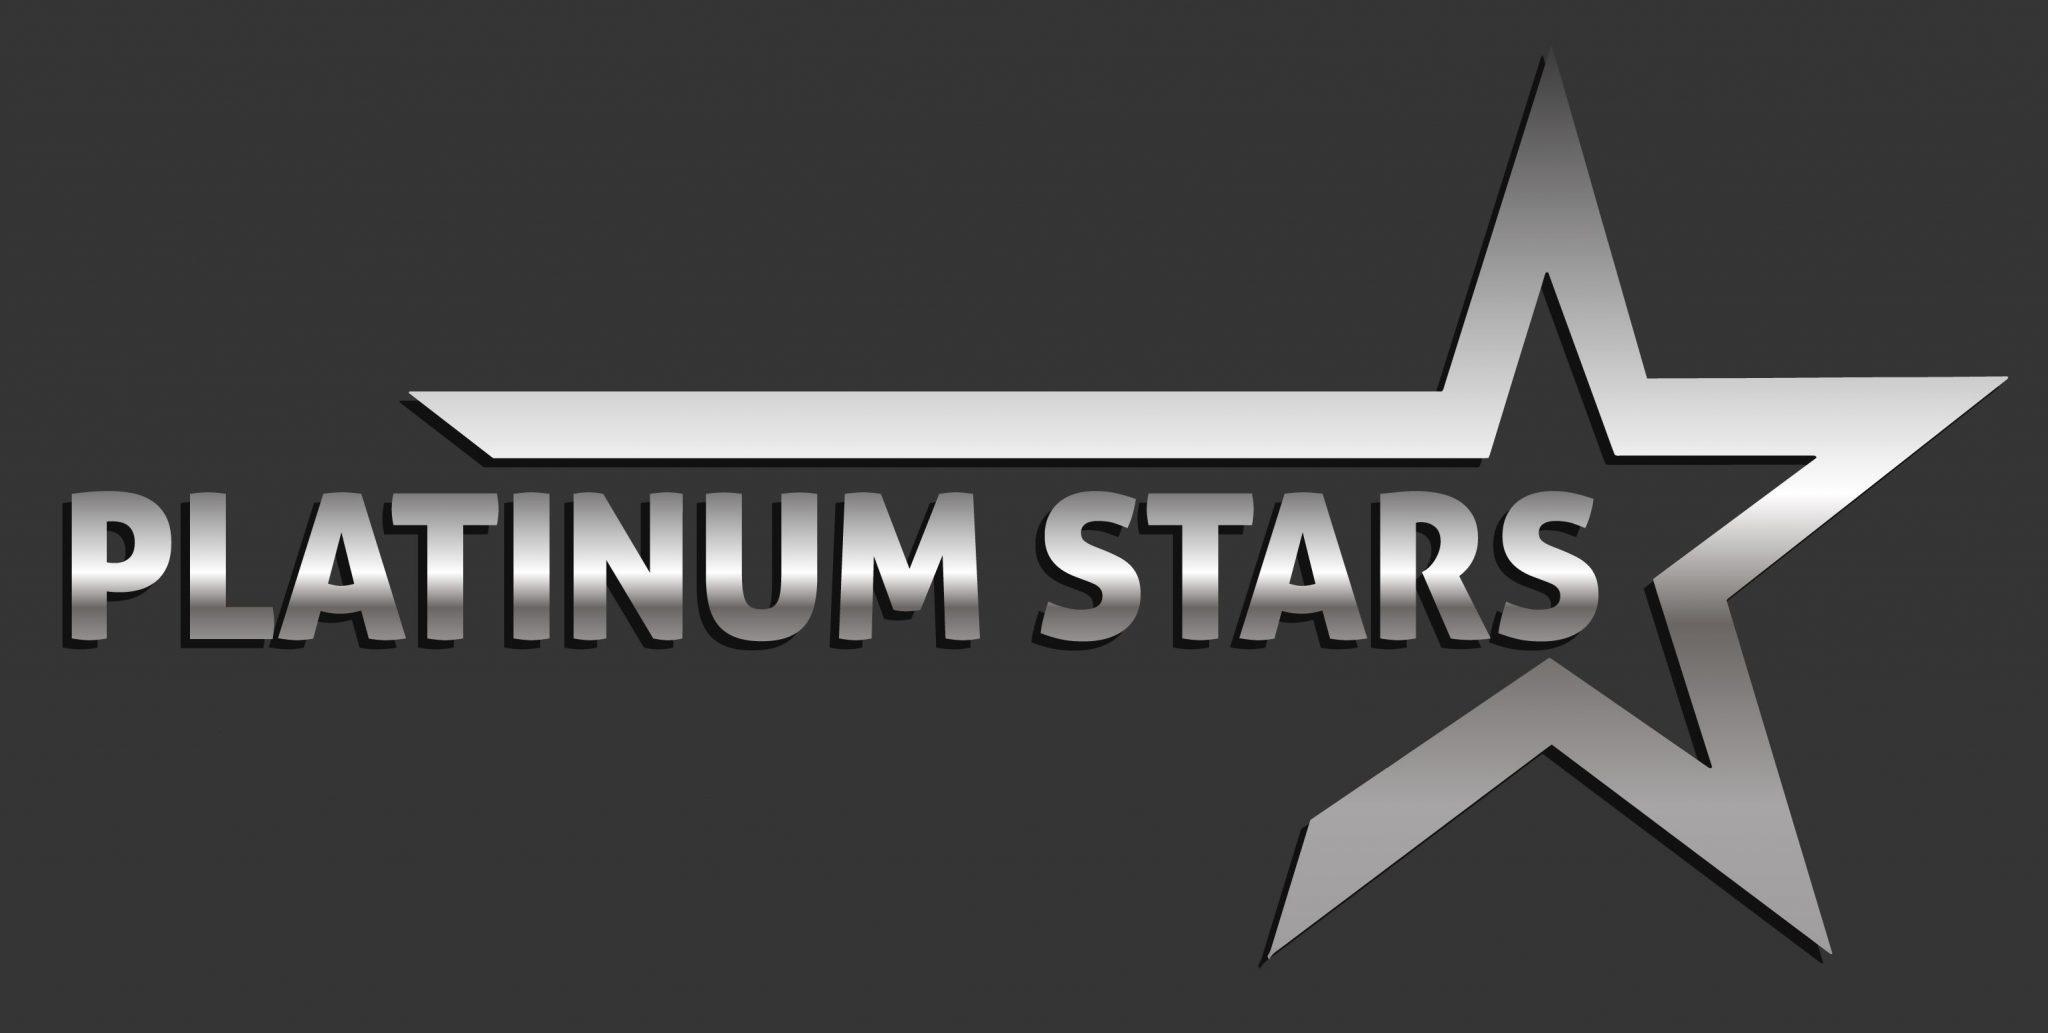 Platinumstars